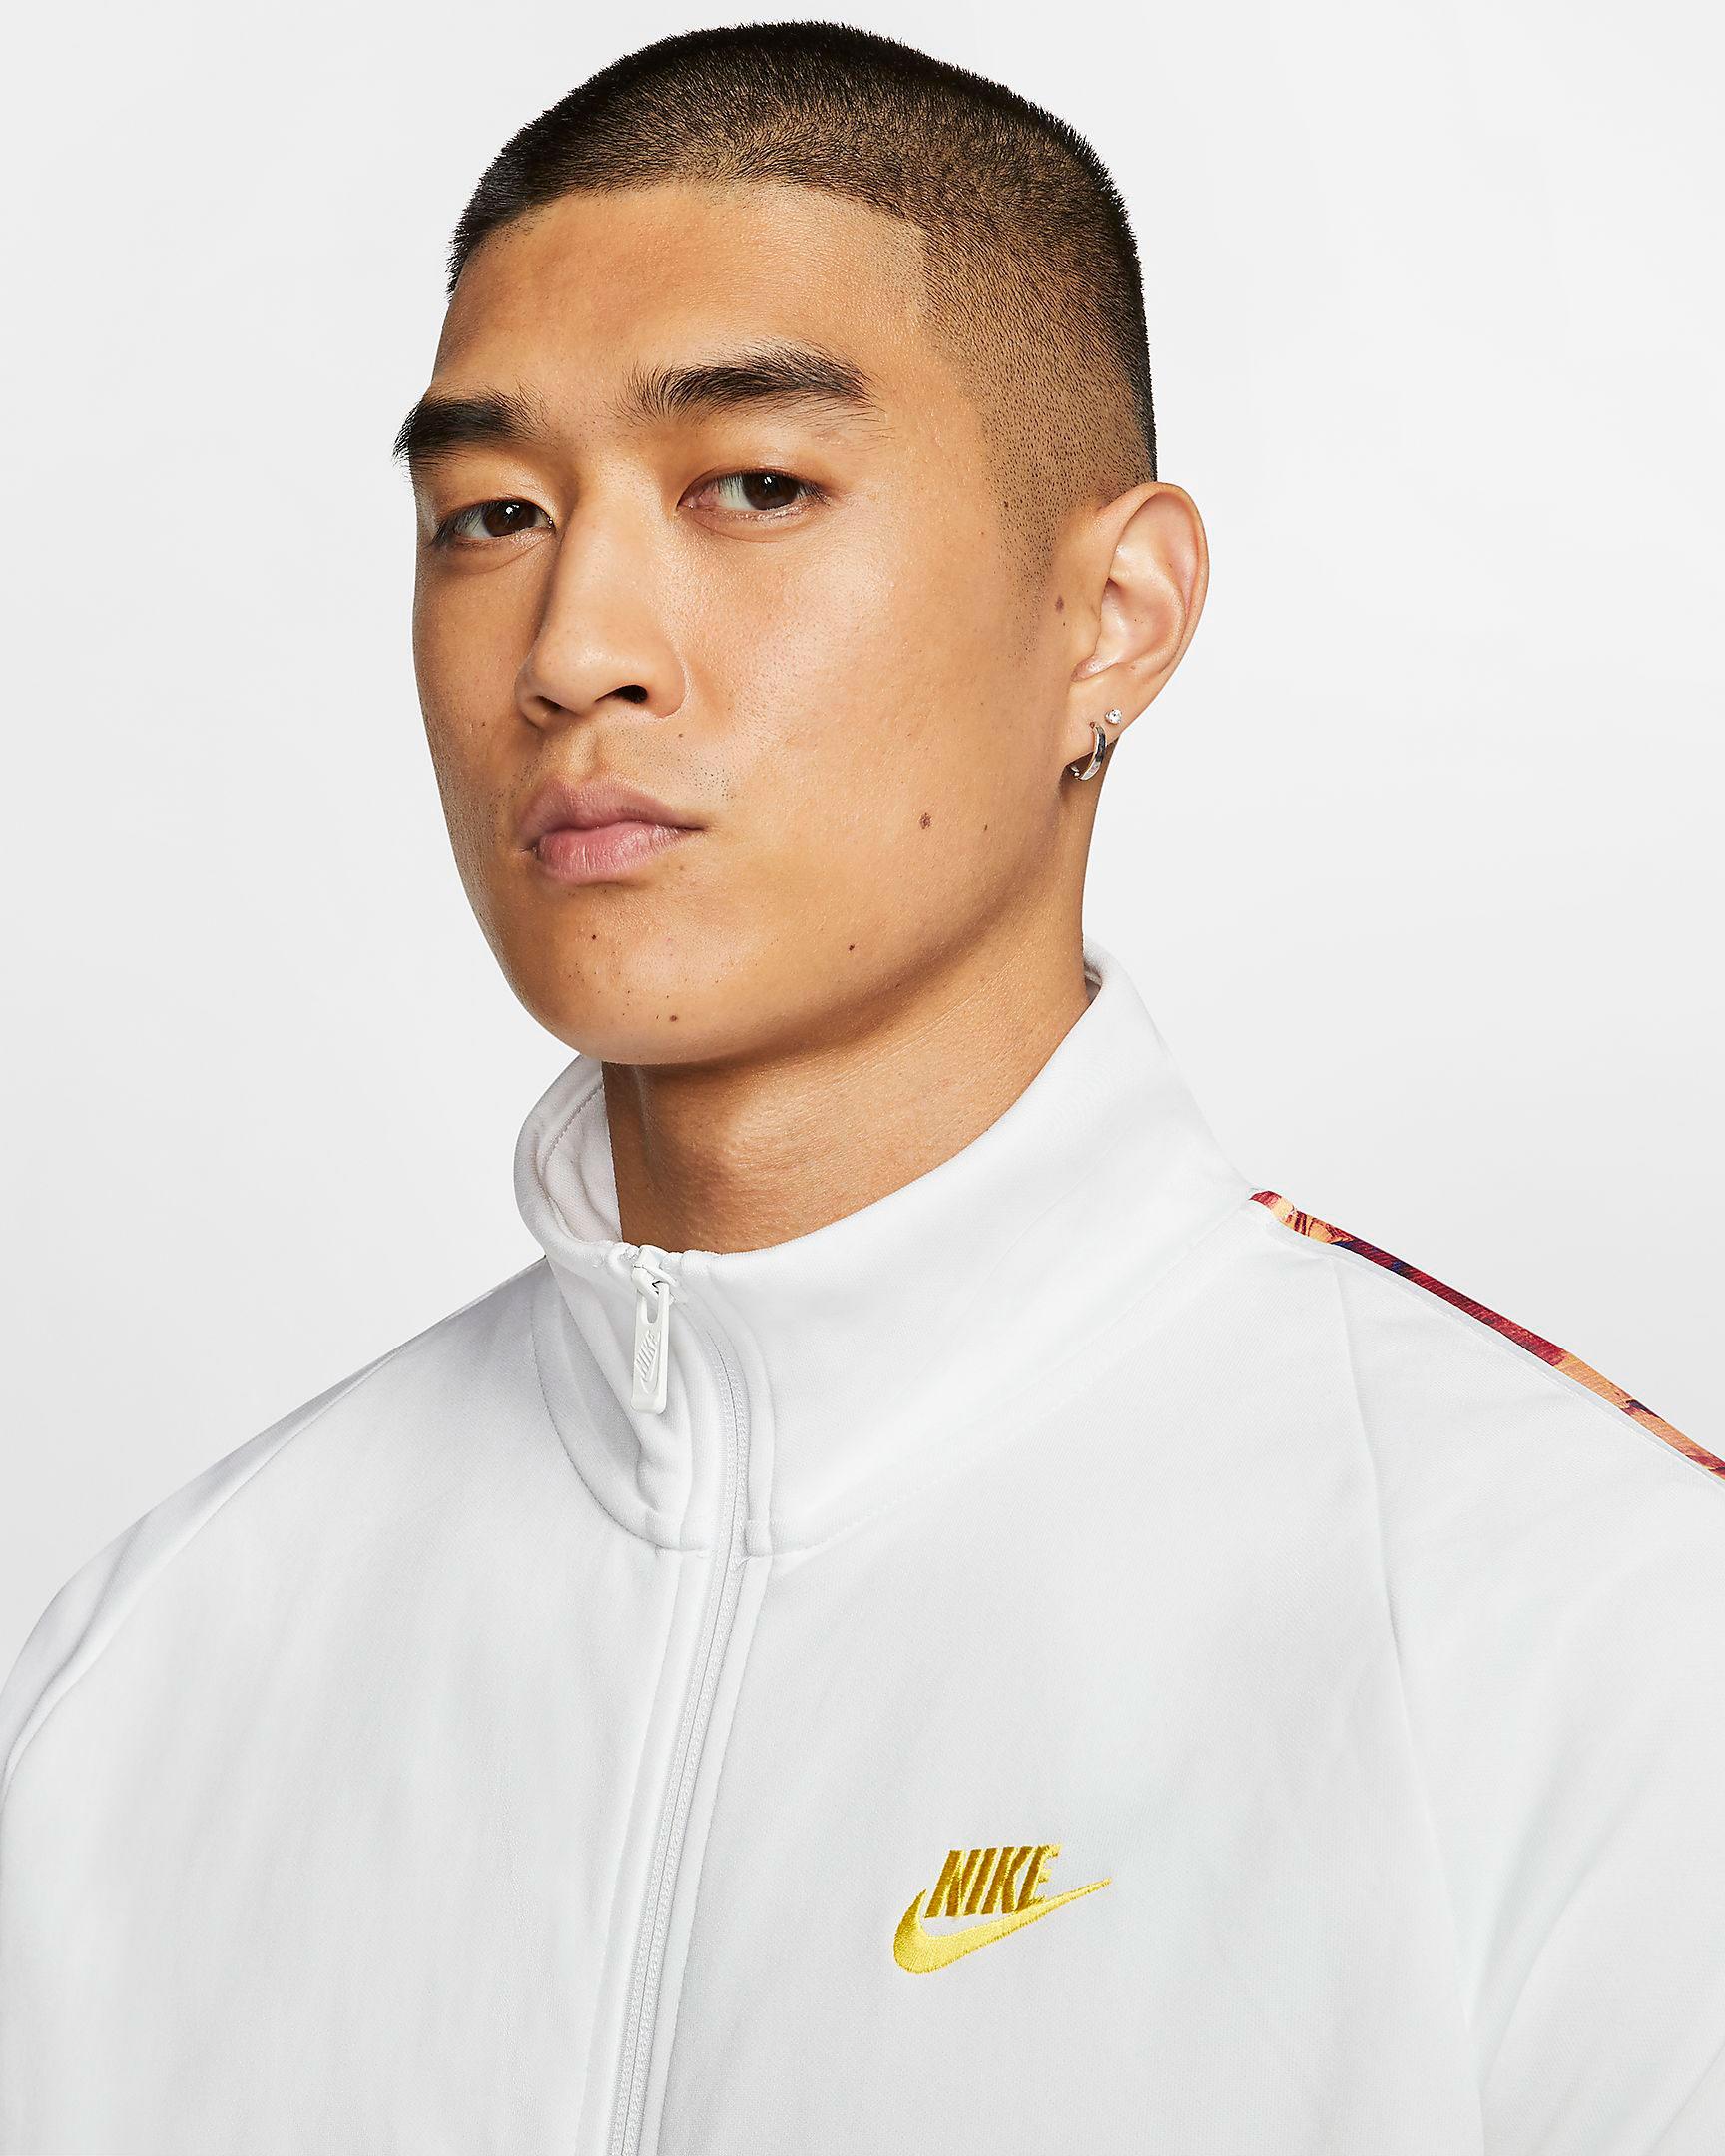 nike-organic-distortion-jacket-white-2